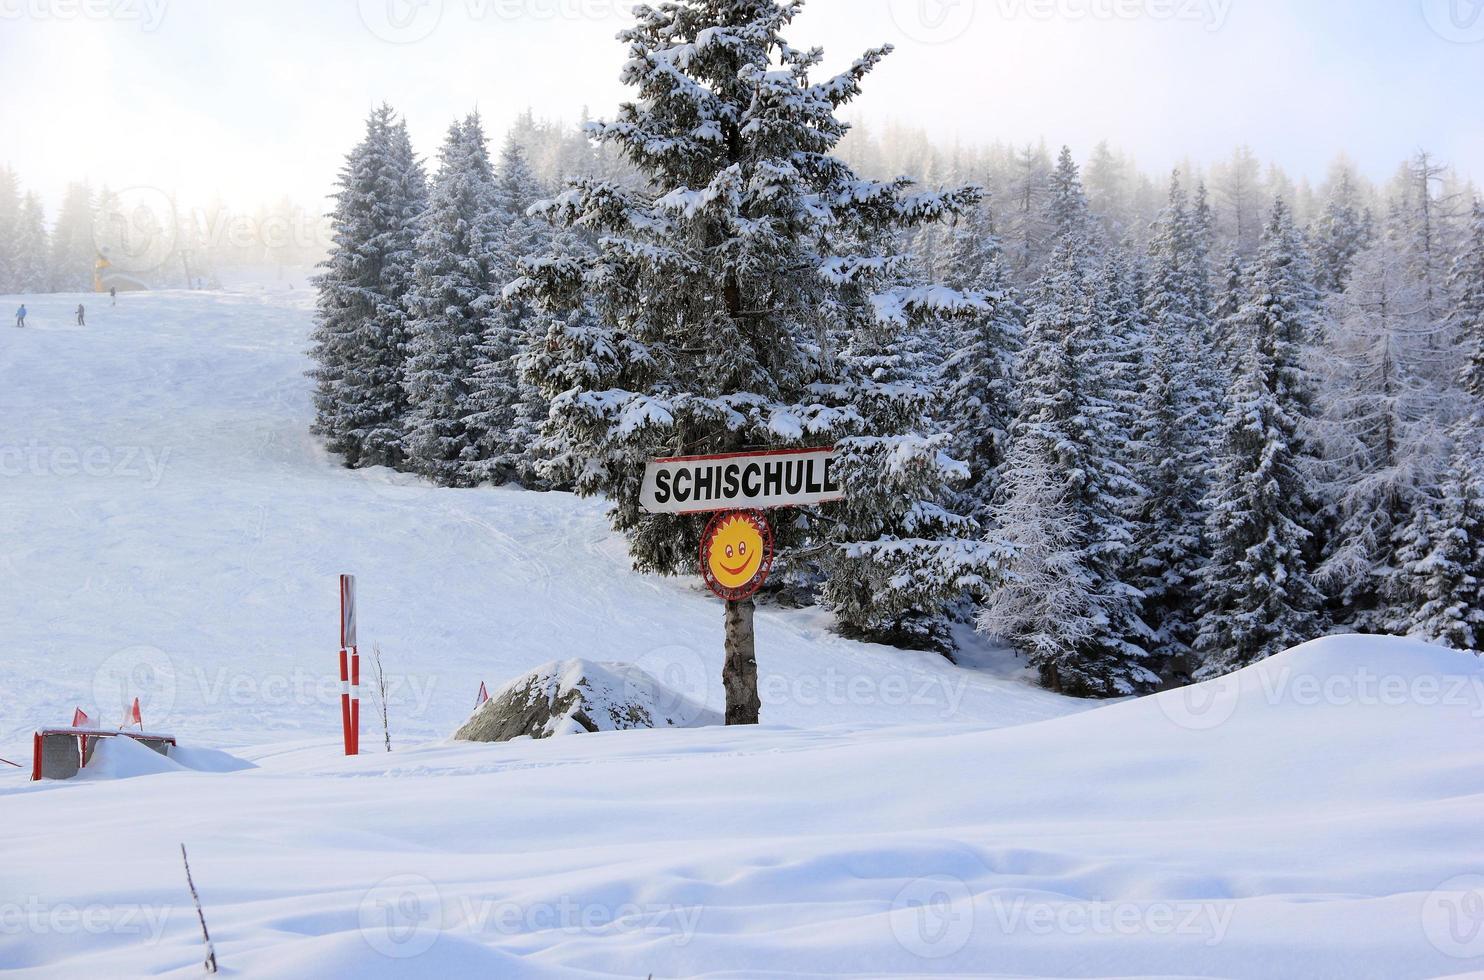 station de ski arène zillertal. Gerlos, Autriche. photo